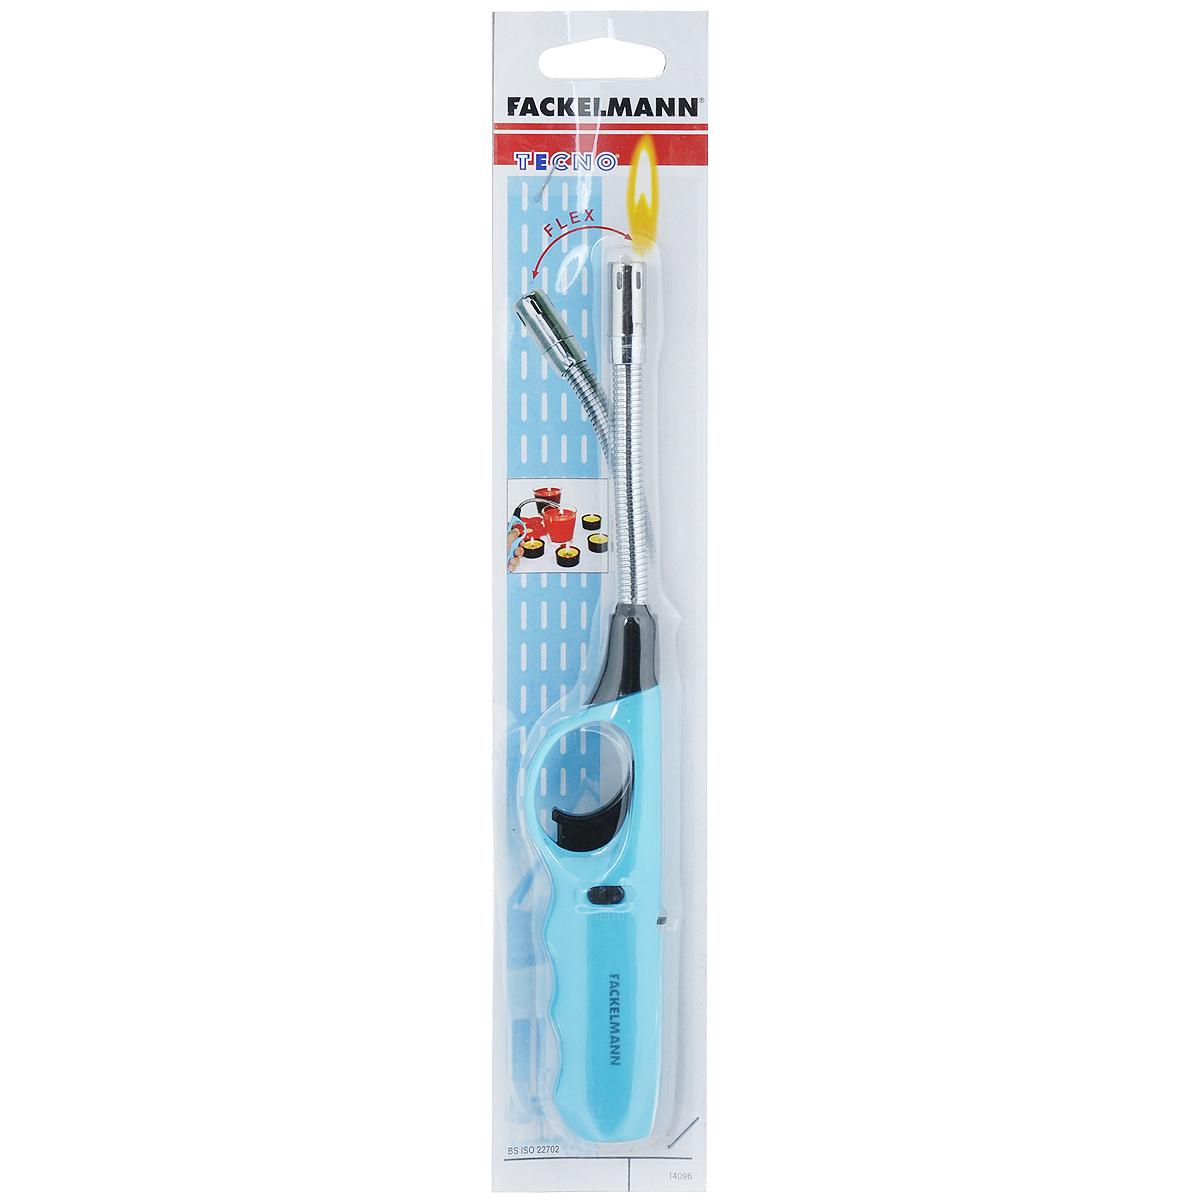 Фото - Пьезозажигалка для газовой плиты Fackelmann Tecno, со встроенной емкостью для газа, цвет: голубой пьезозажигалка fackelmann 16 см